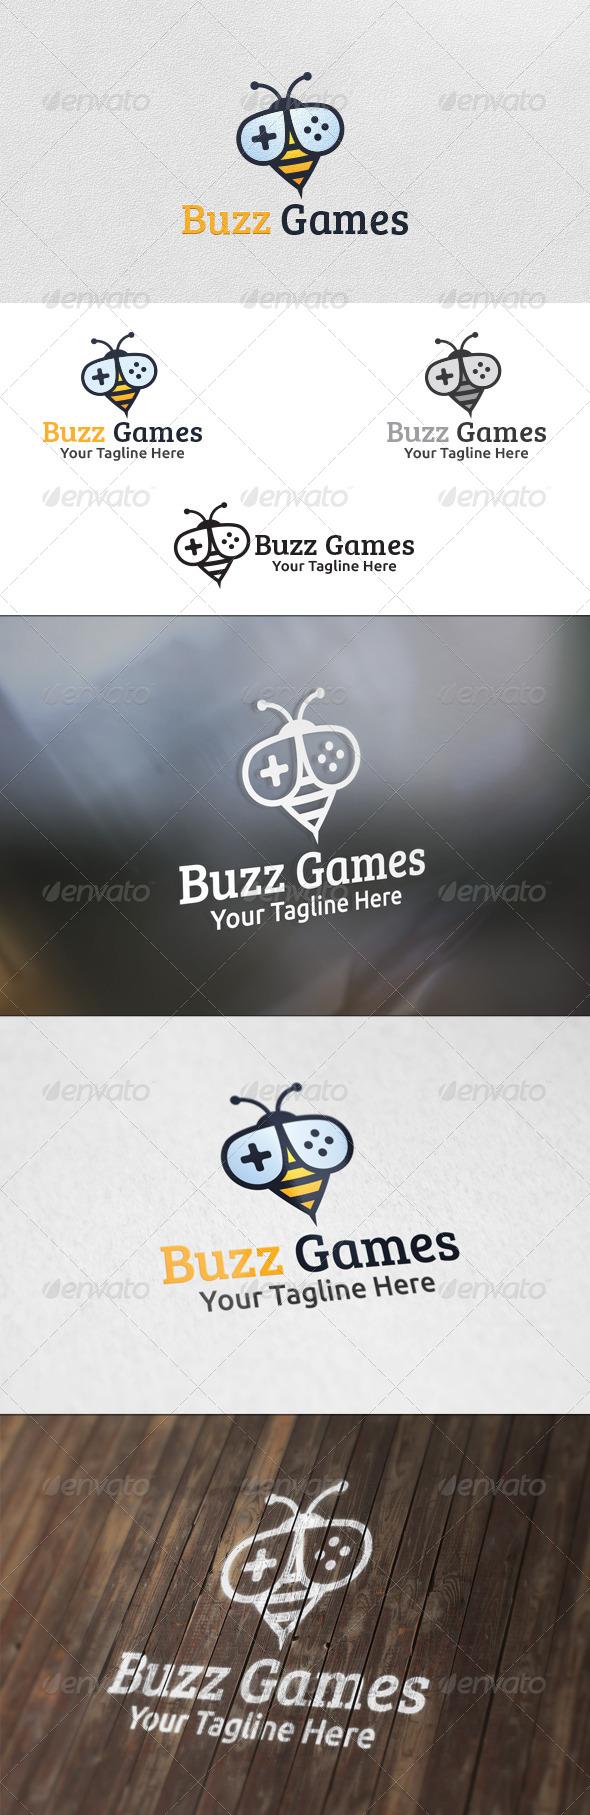 Buzz Games - Logo Template